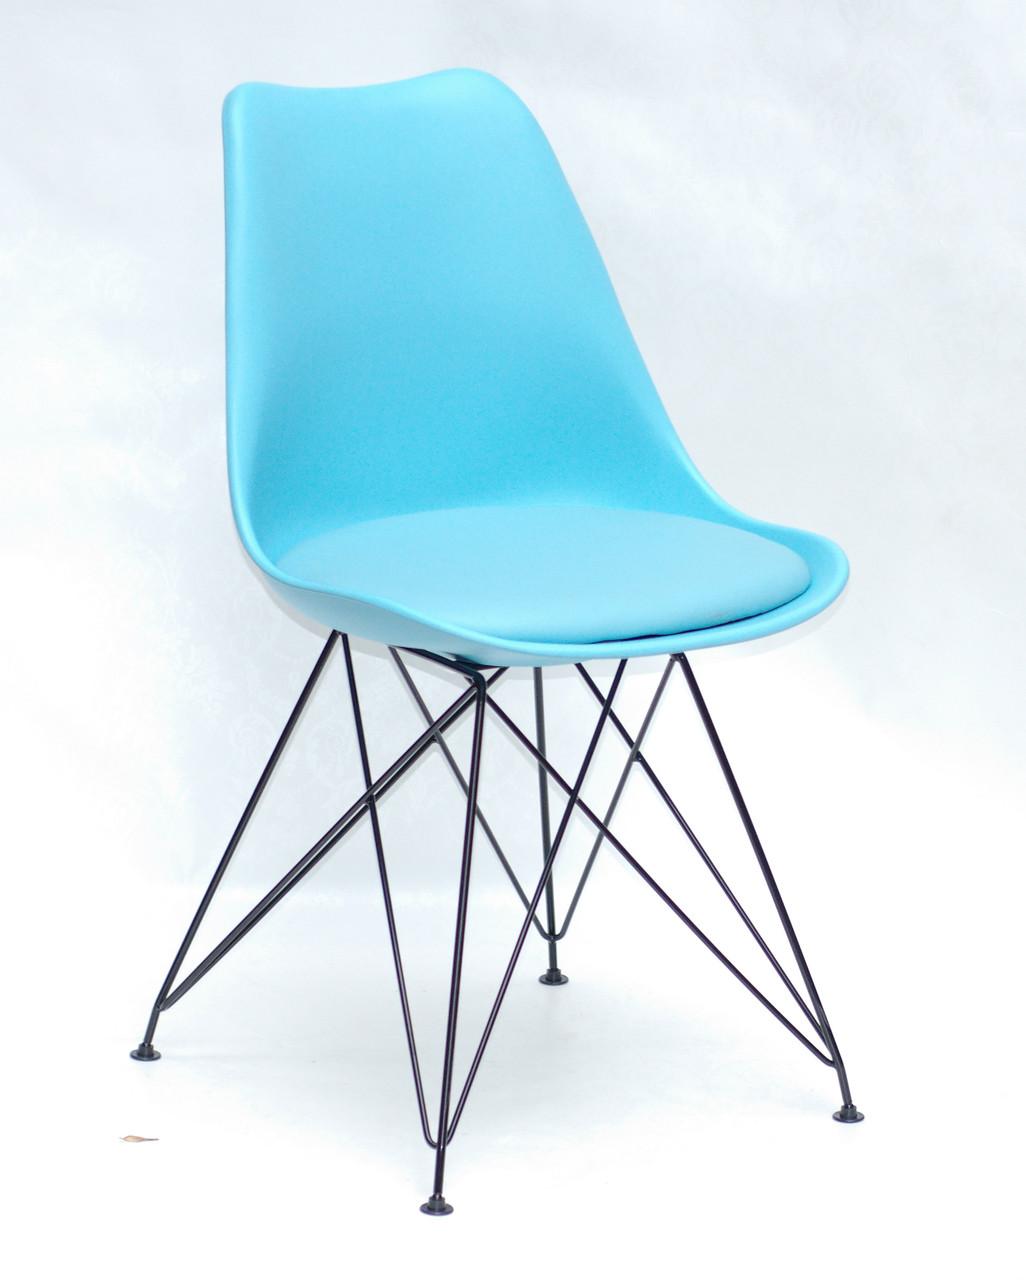 Блакитний стілець на чорних металевих ніжках Milan BK-ML з пластиковою спинкою і м'яким сидінням з подушкою